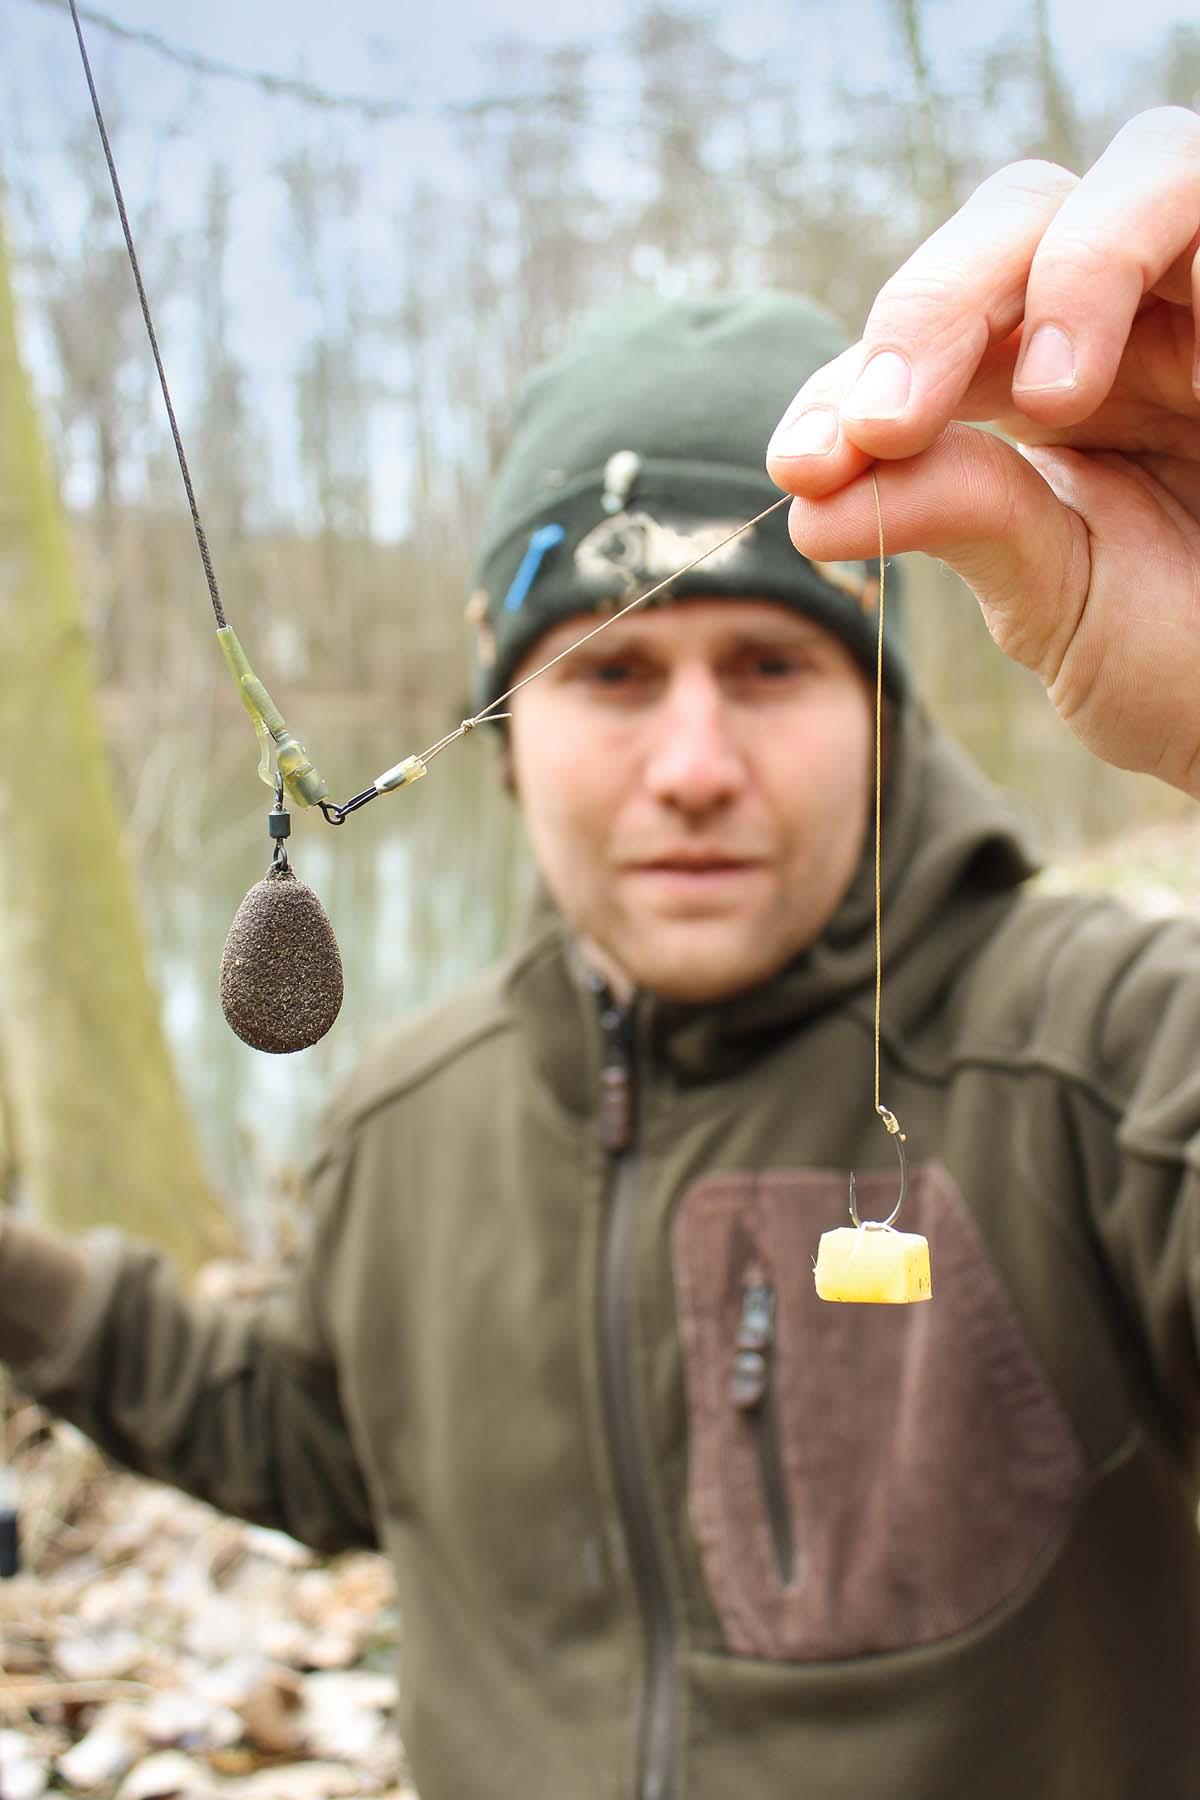 Das Kartoffel-Rig eine gewöhnliche Festblei- oder wahlweise auch Laufblei-Montage.